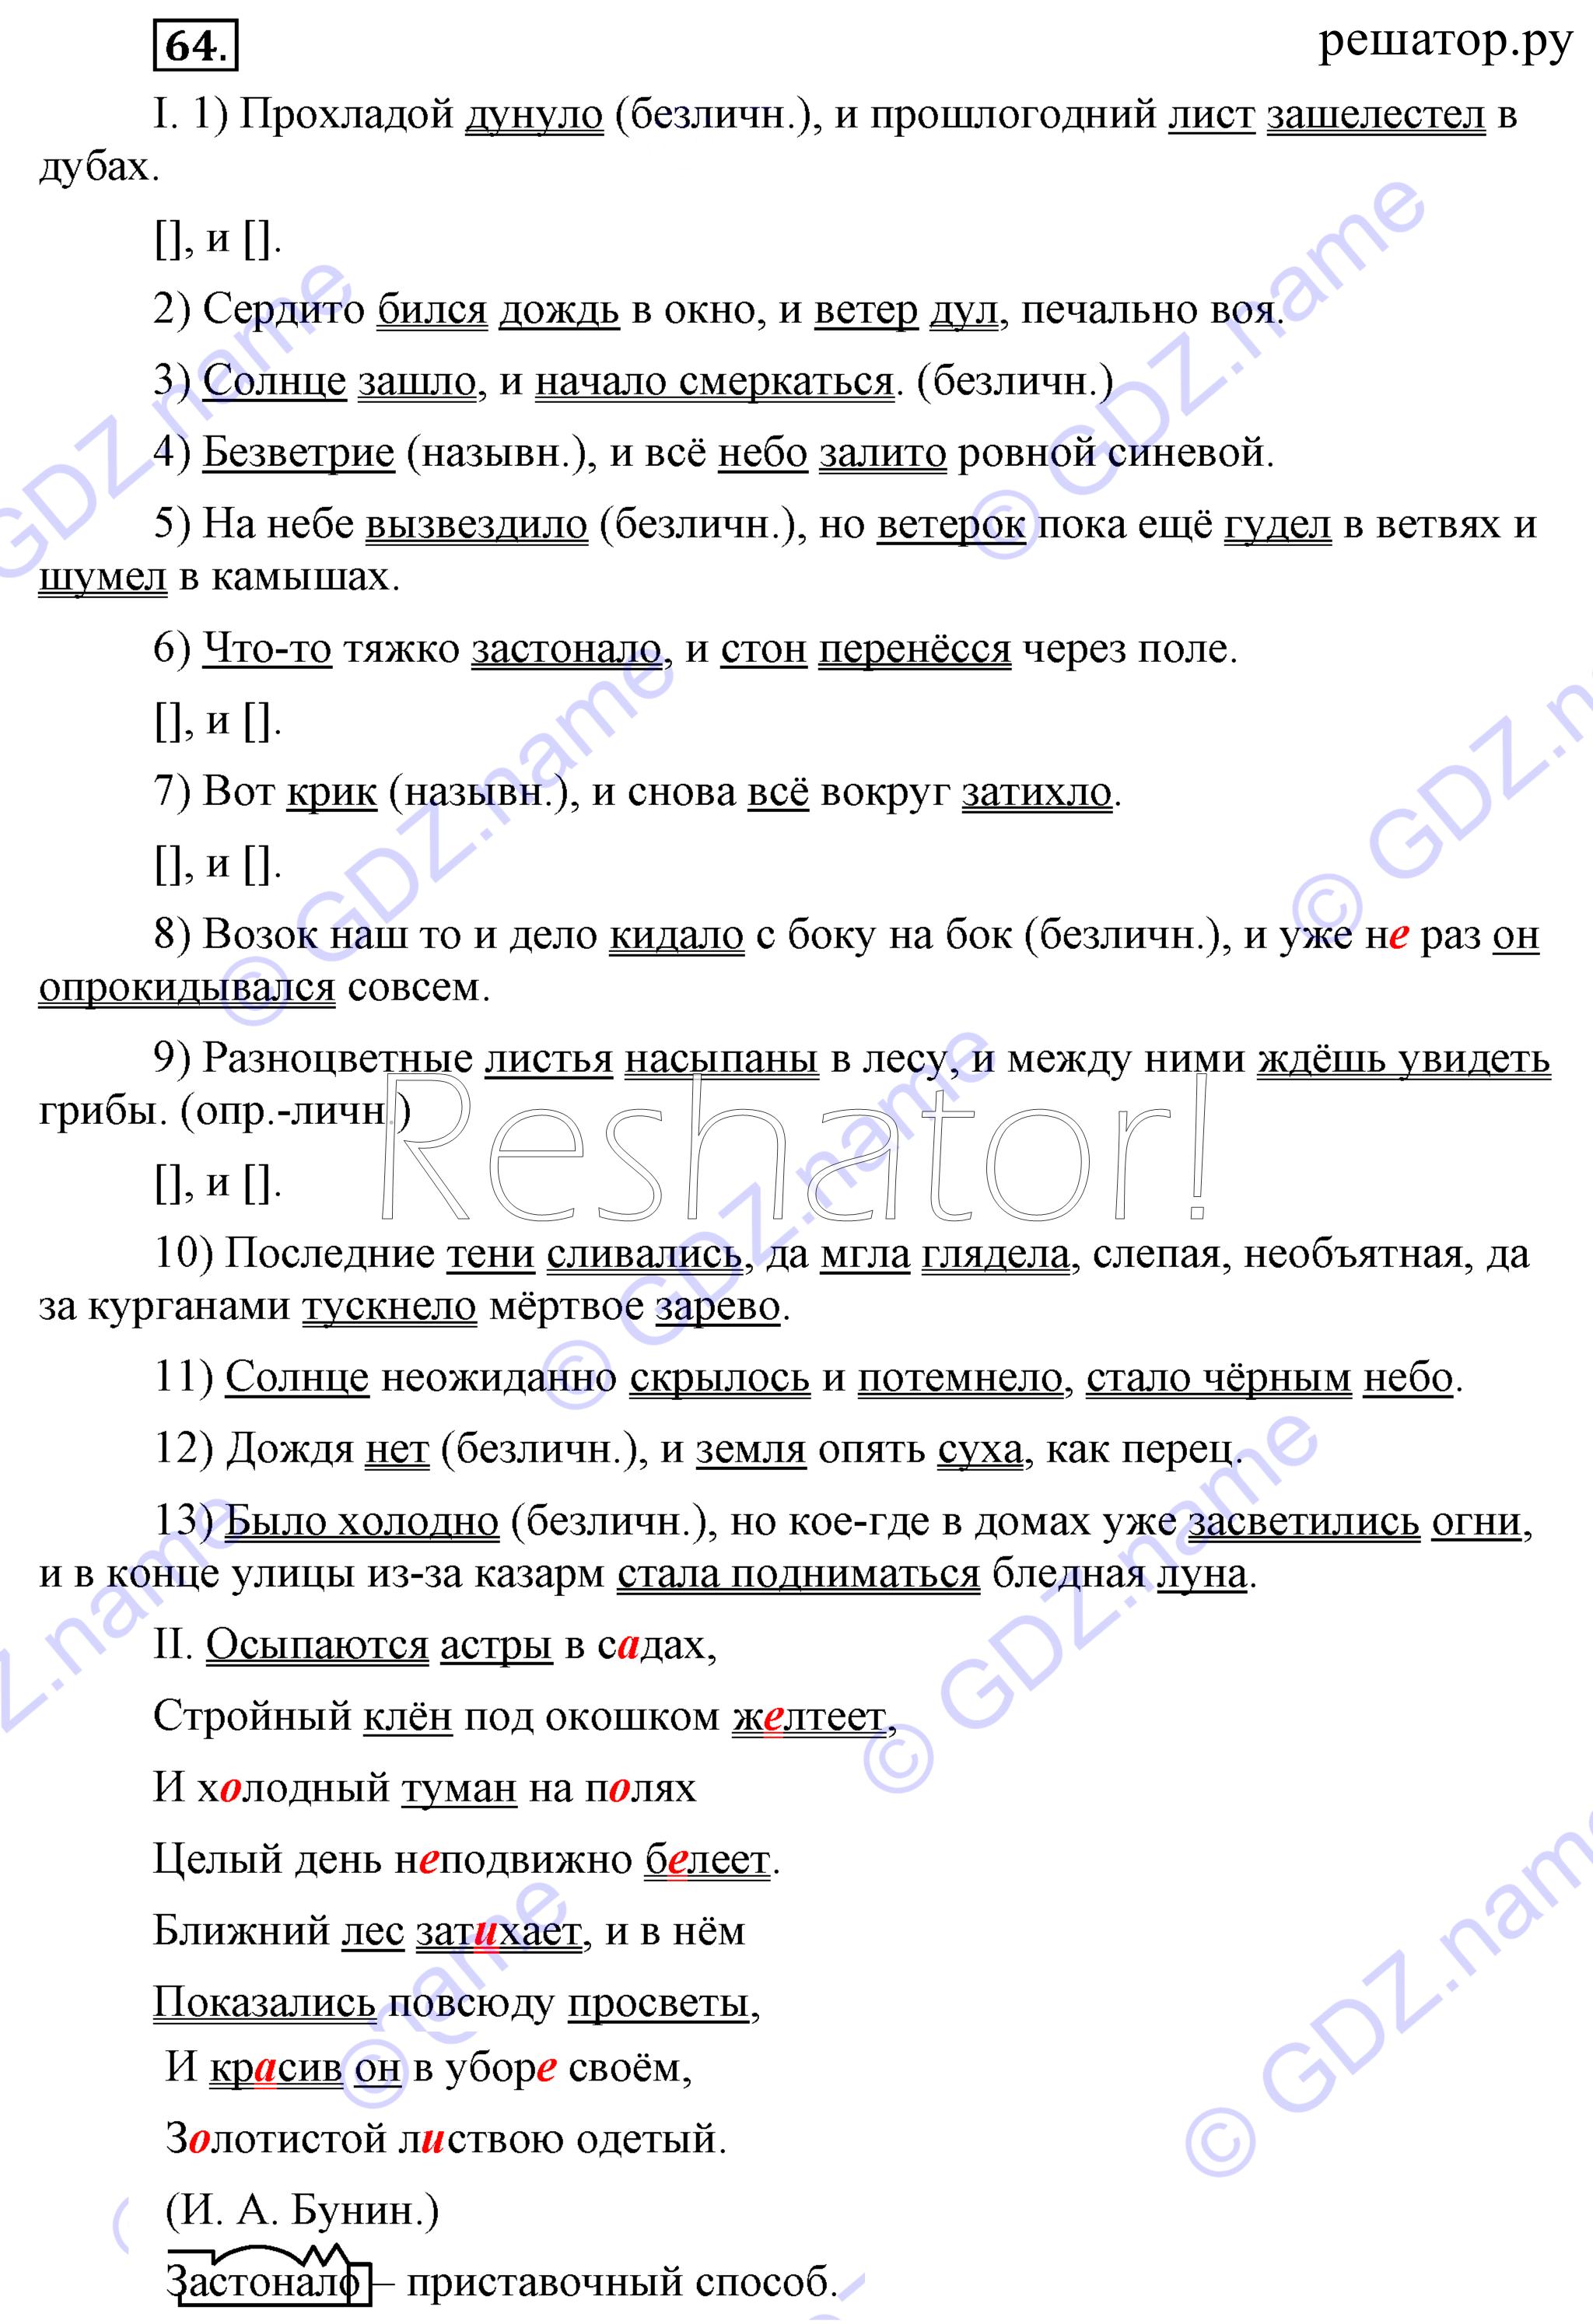 гдз по русскому 9 класс бархударов крючков